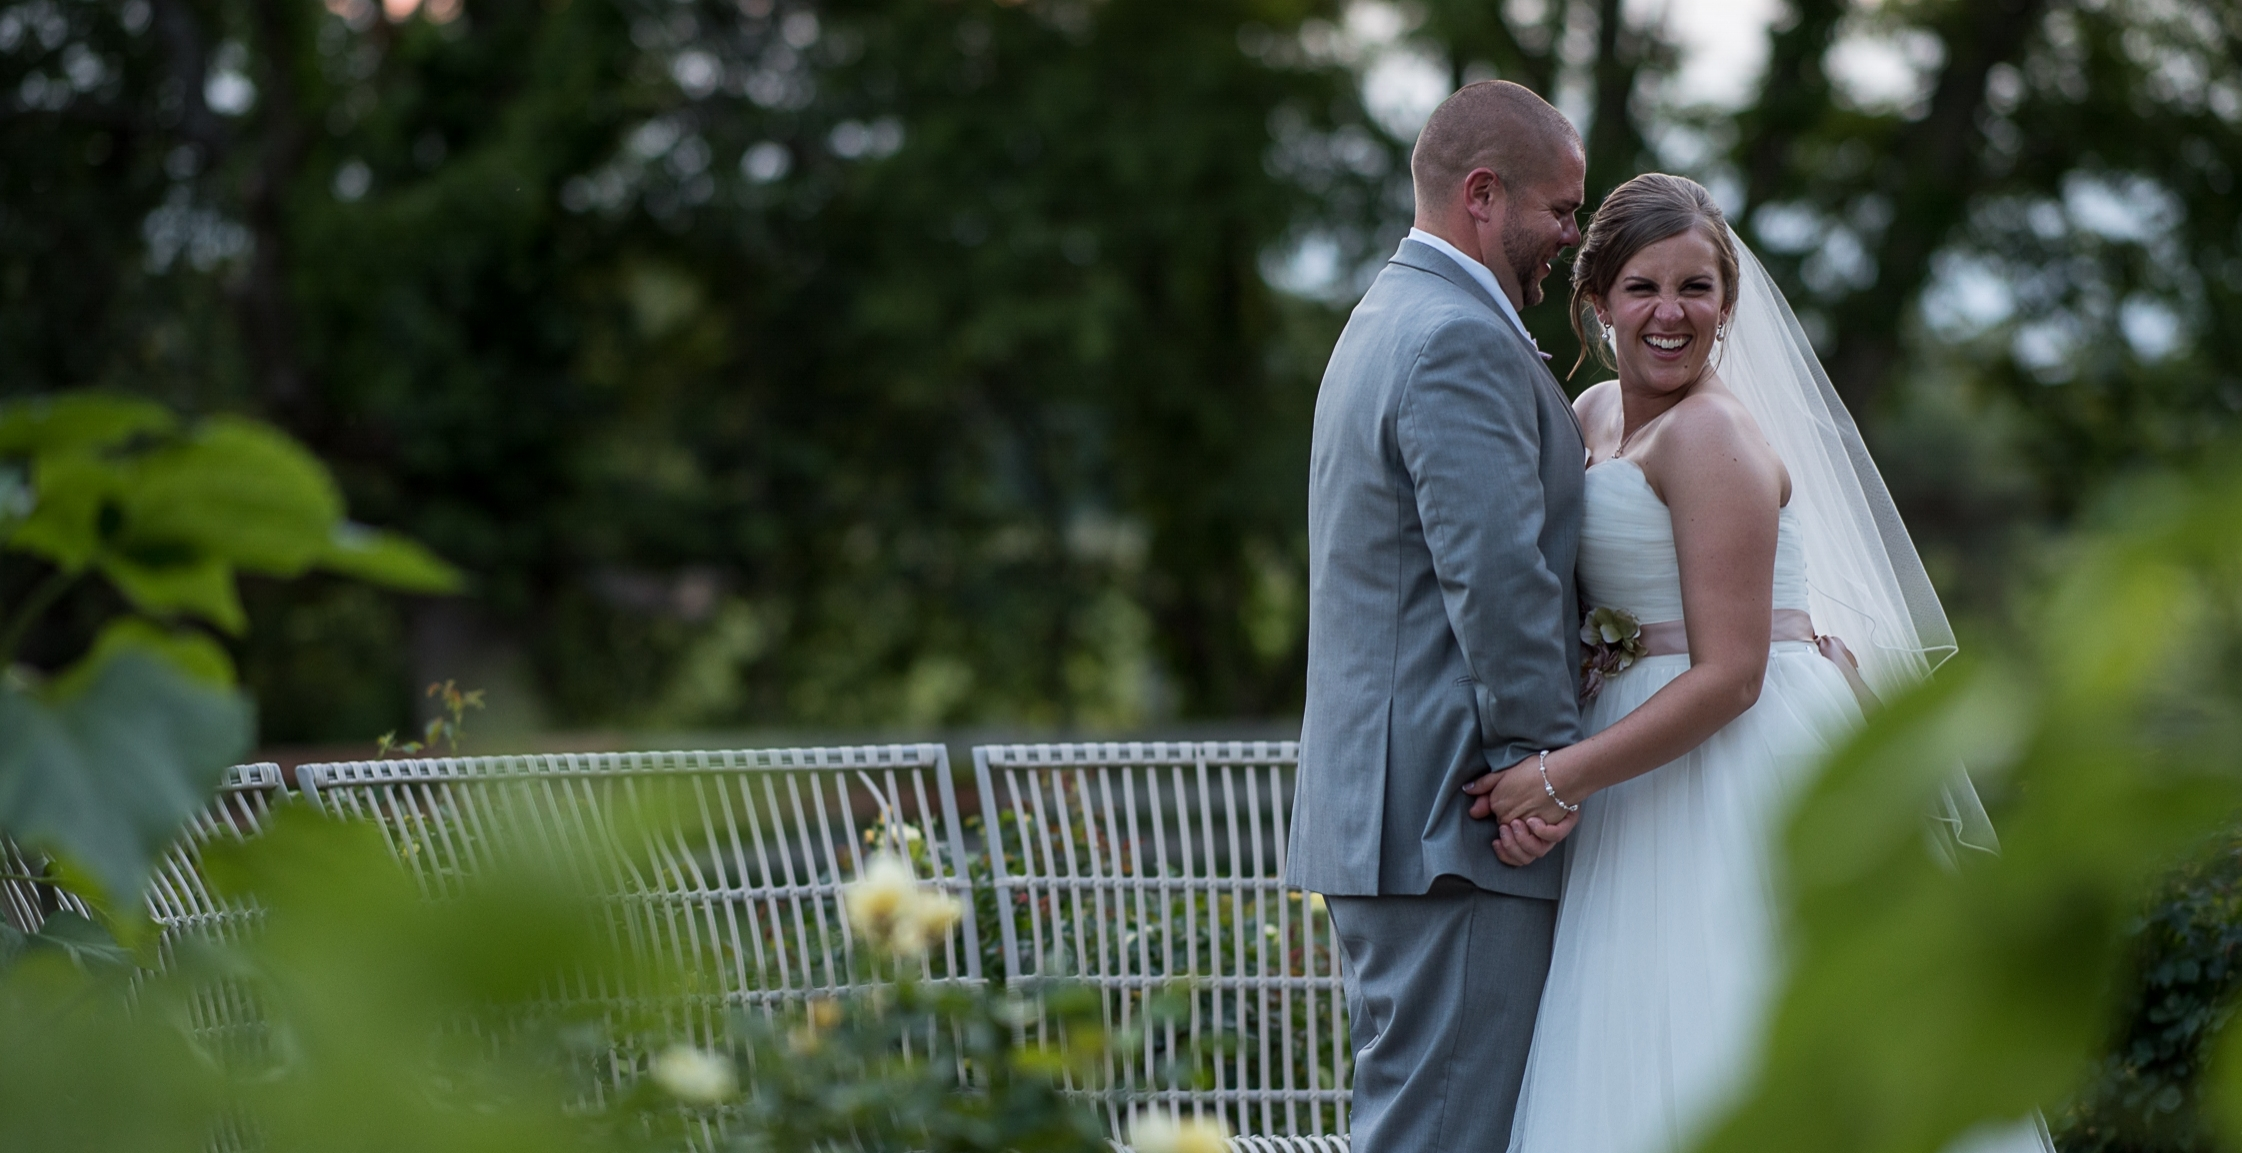 ColumbusWeddingPhotographer_Wedding_WeddingWire-11.jpg